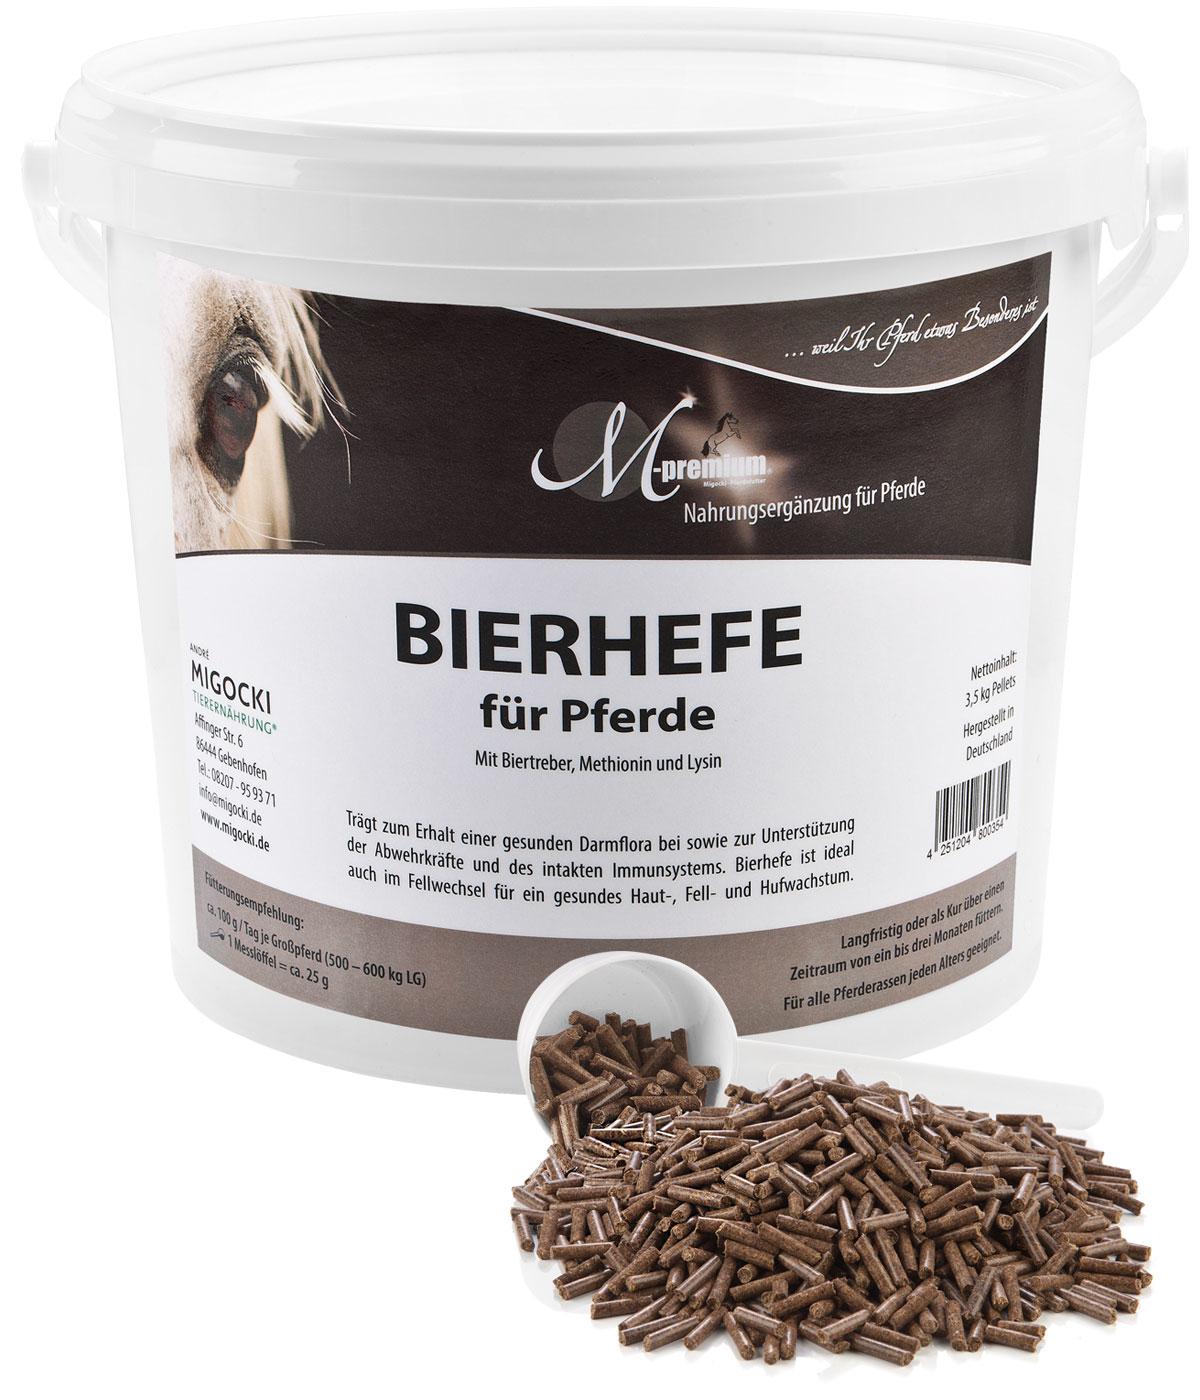 Bierhefe für Pferde pelletiert